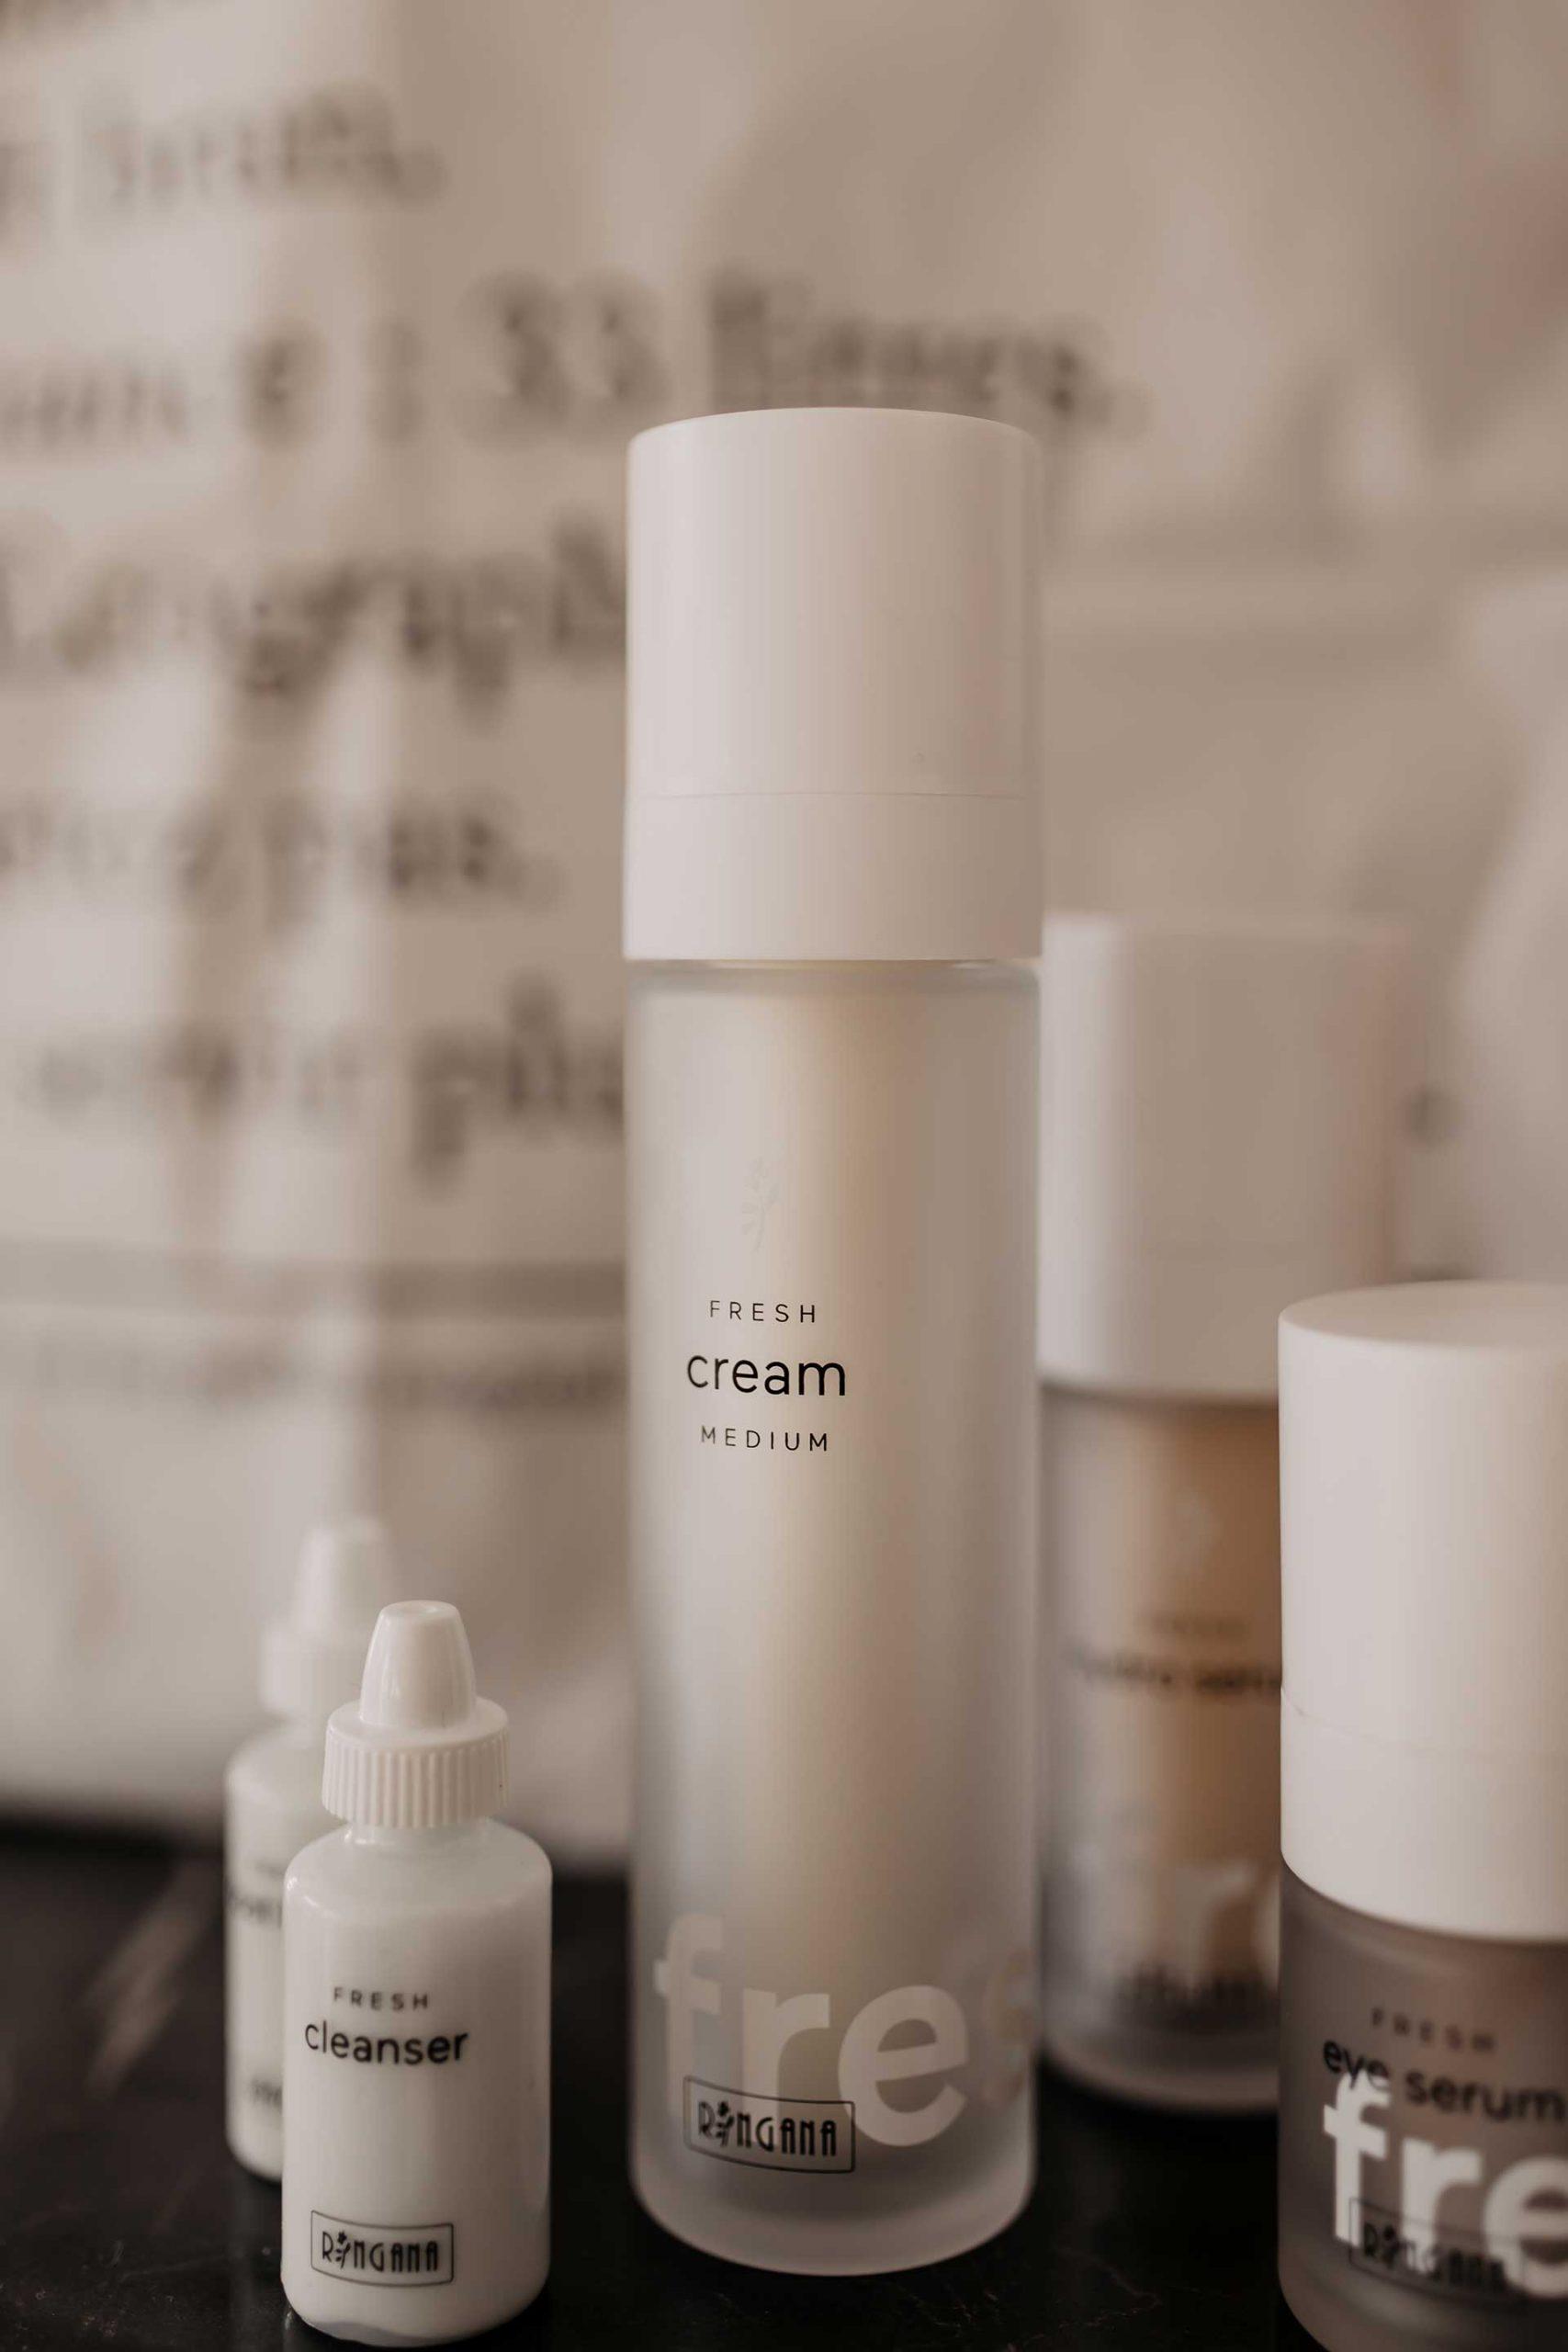 Produktempfehlung. Naturkosmetik ist die natürlichste Pflege, die wir unserer Haut bieten können. Am Beautyblog teile ich heute 7 gute Gründe, warum du RINGANA Frischekosmetik in die eigene Pflegeroutine aufnehmen solltest. www.whoismocca.com #naturkosmetik #ringana #frischekosmetik